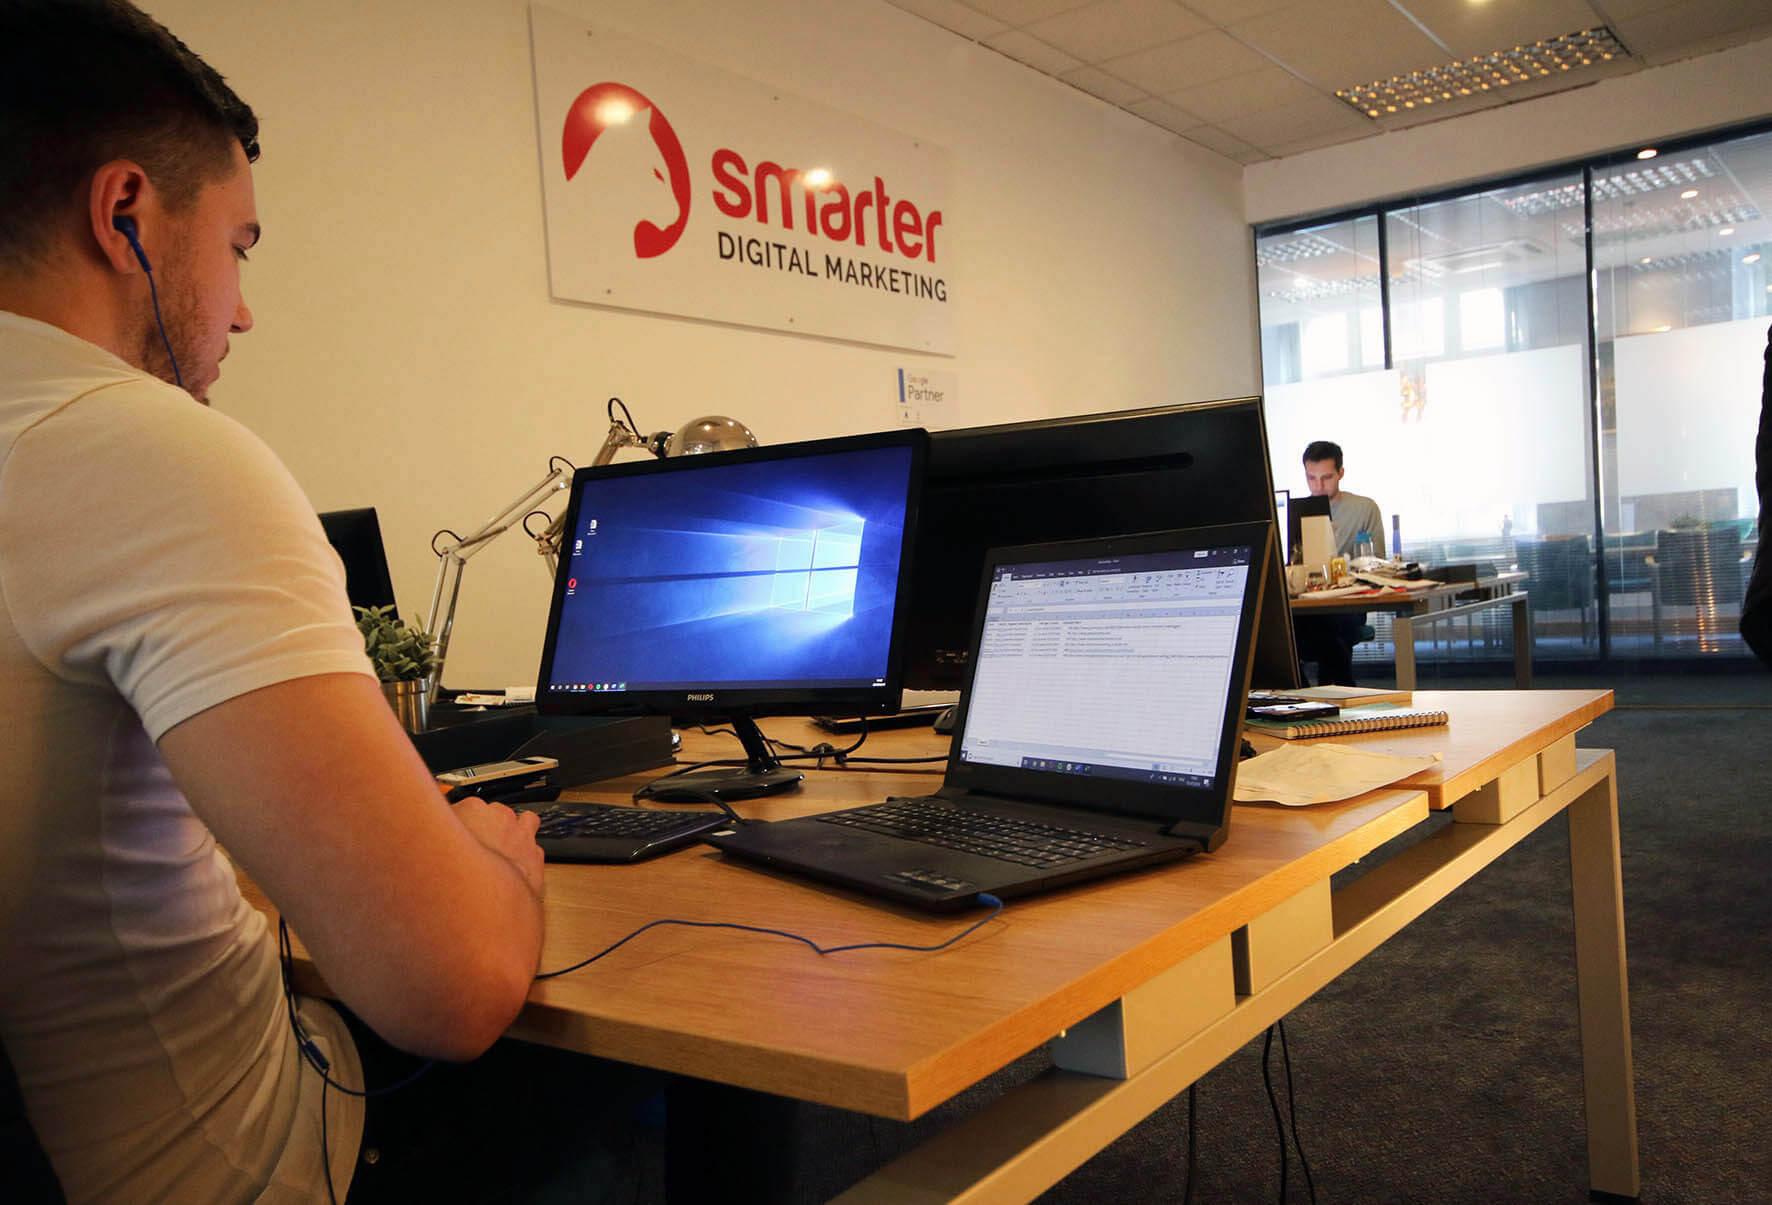 Smarter Digital Marketing Office 3